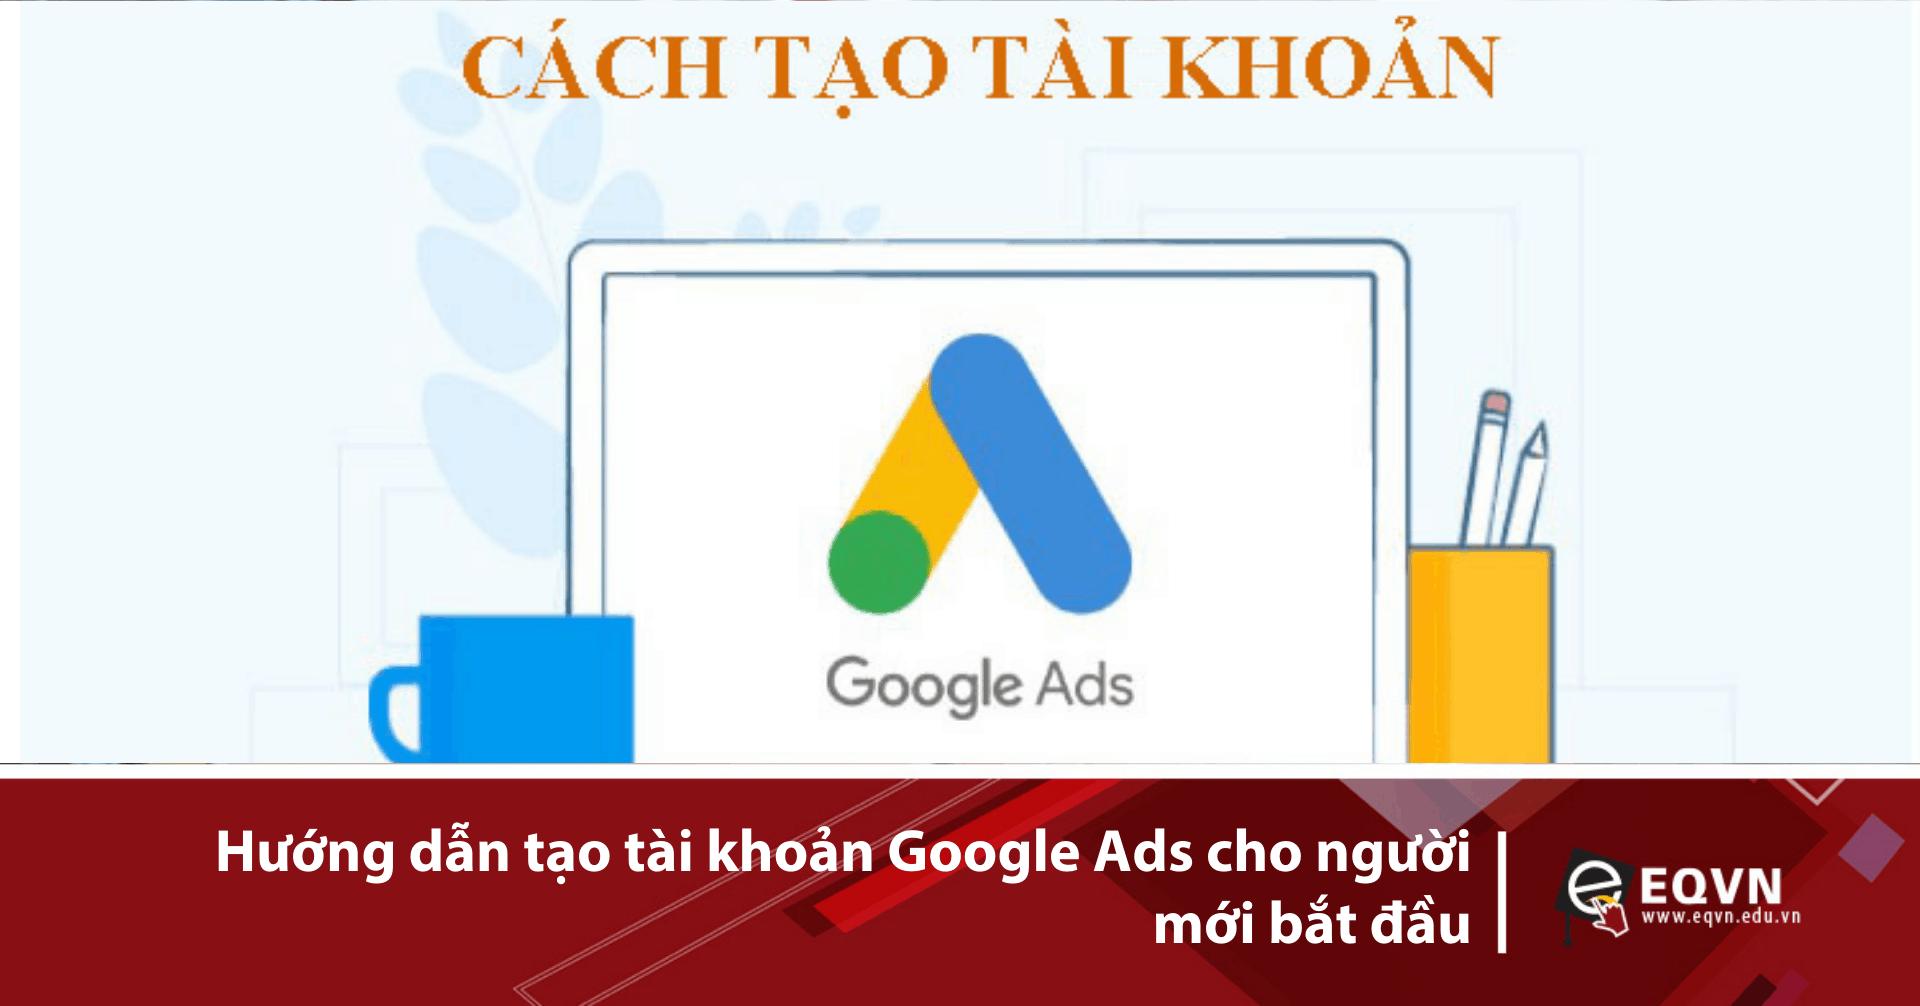 Tạo tài khoản quảng cáo Google